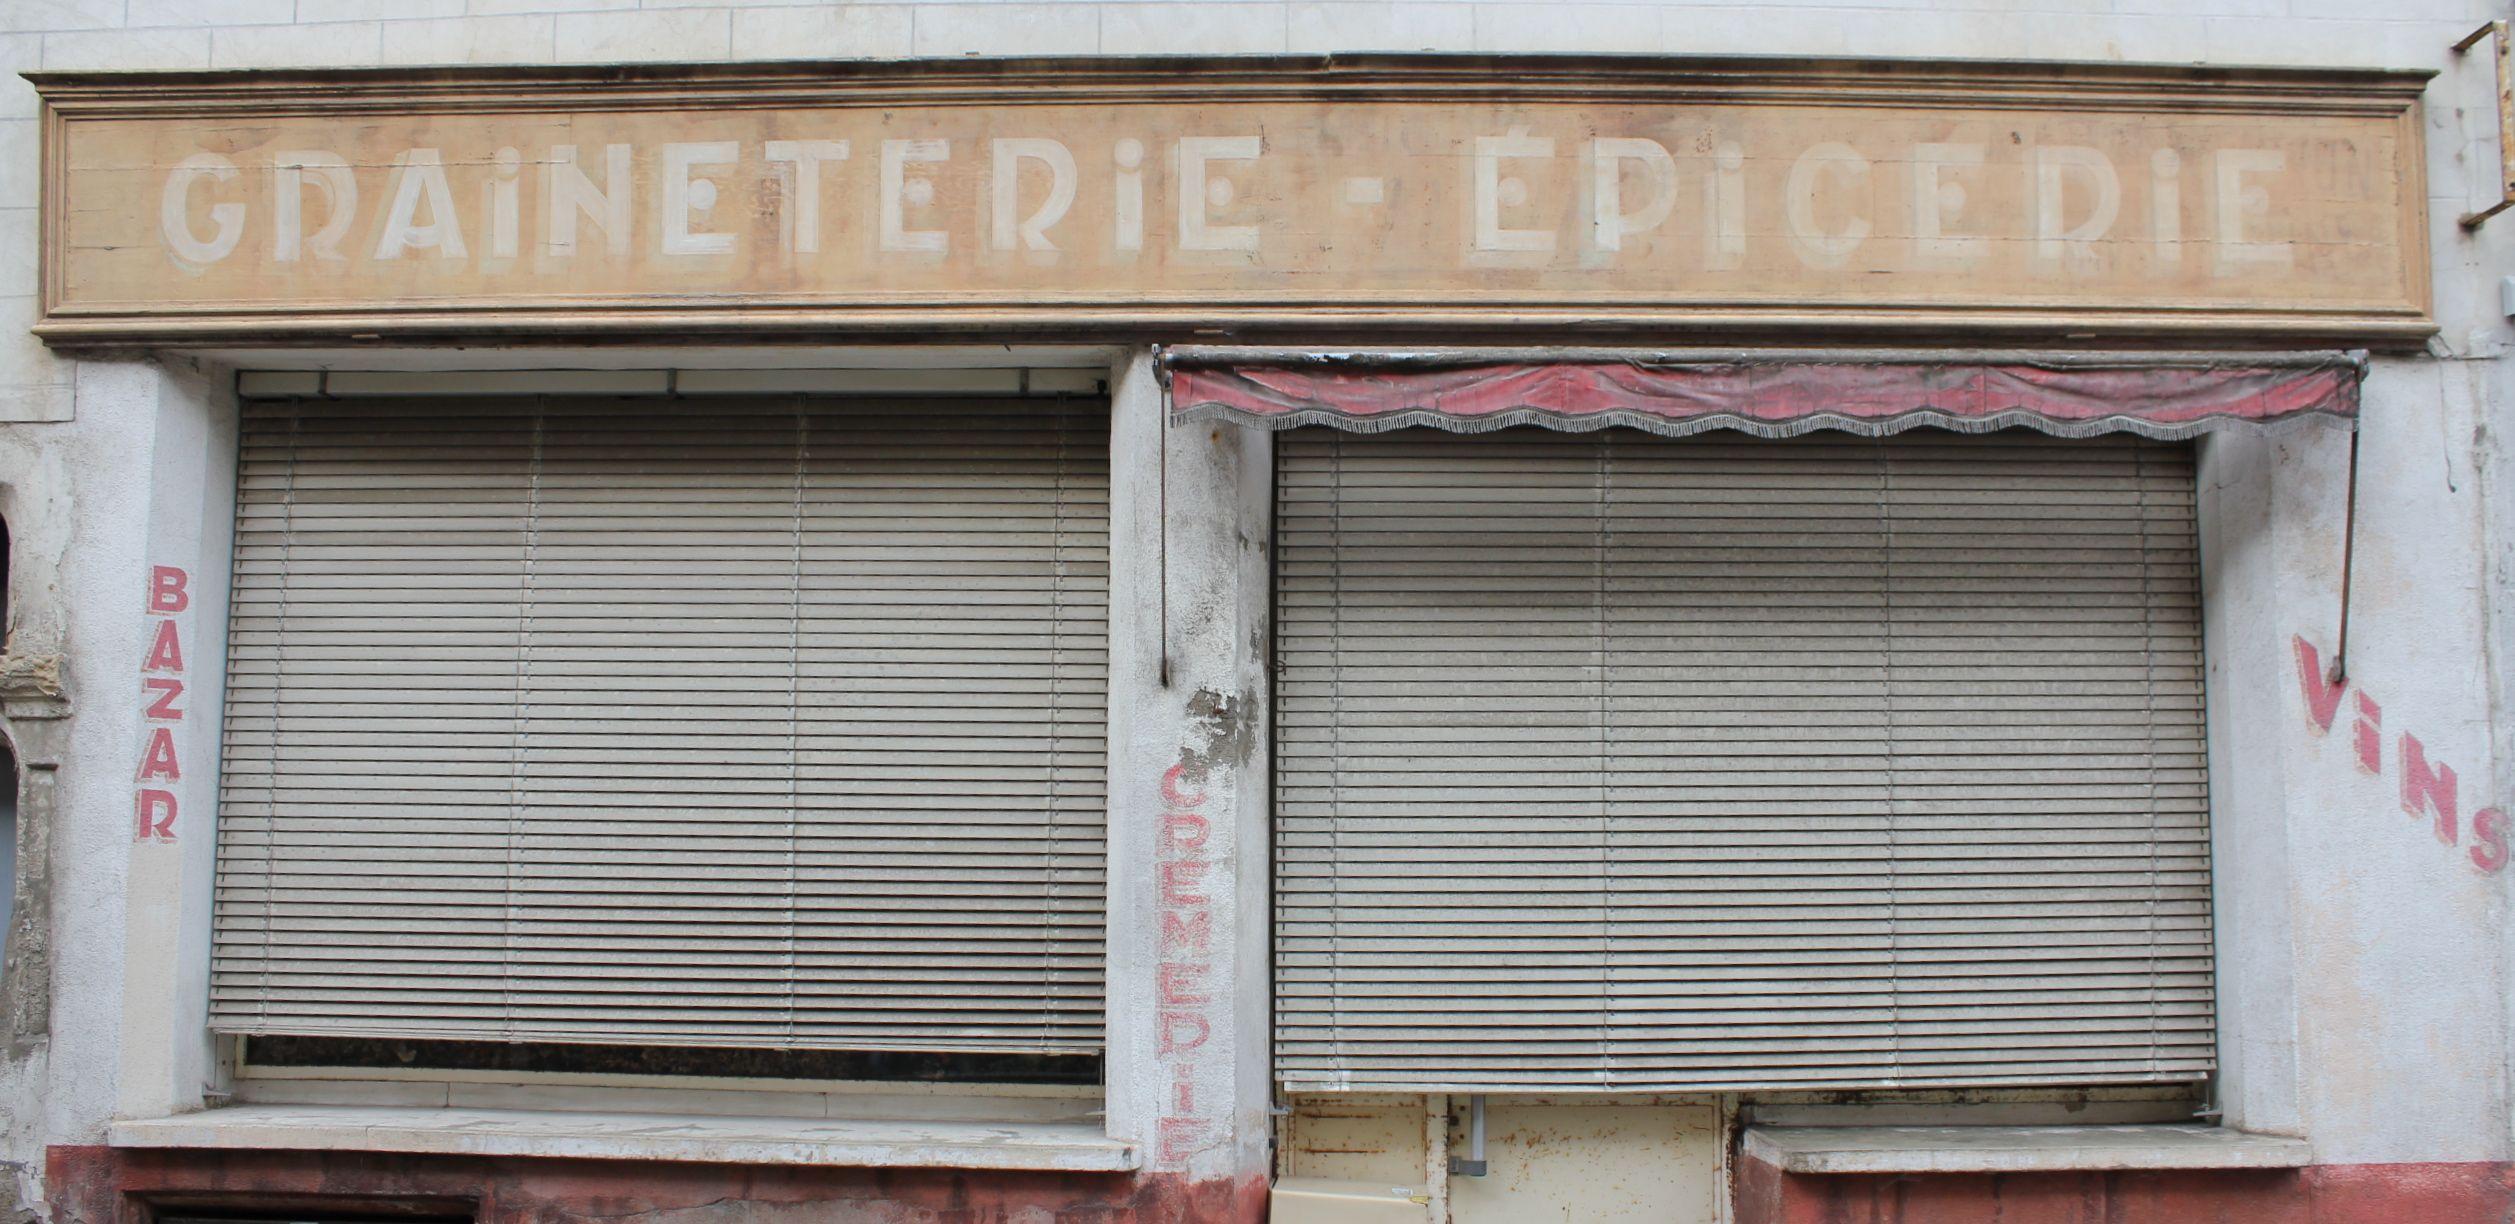 Abandoned Epicerie in Sancerre, France